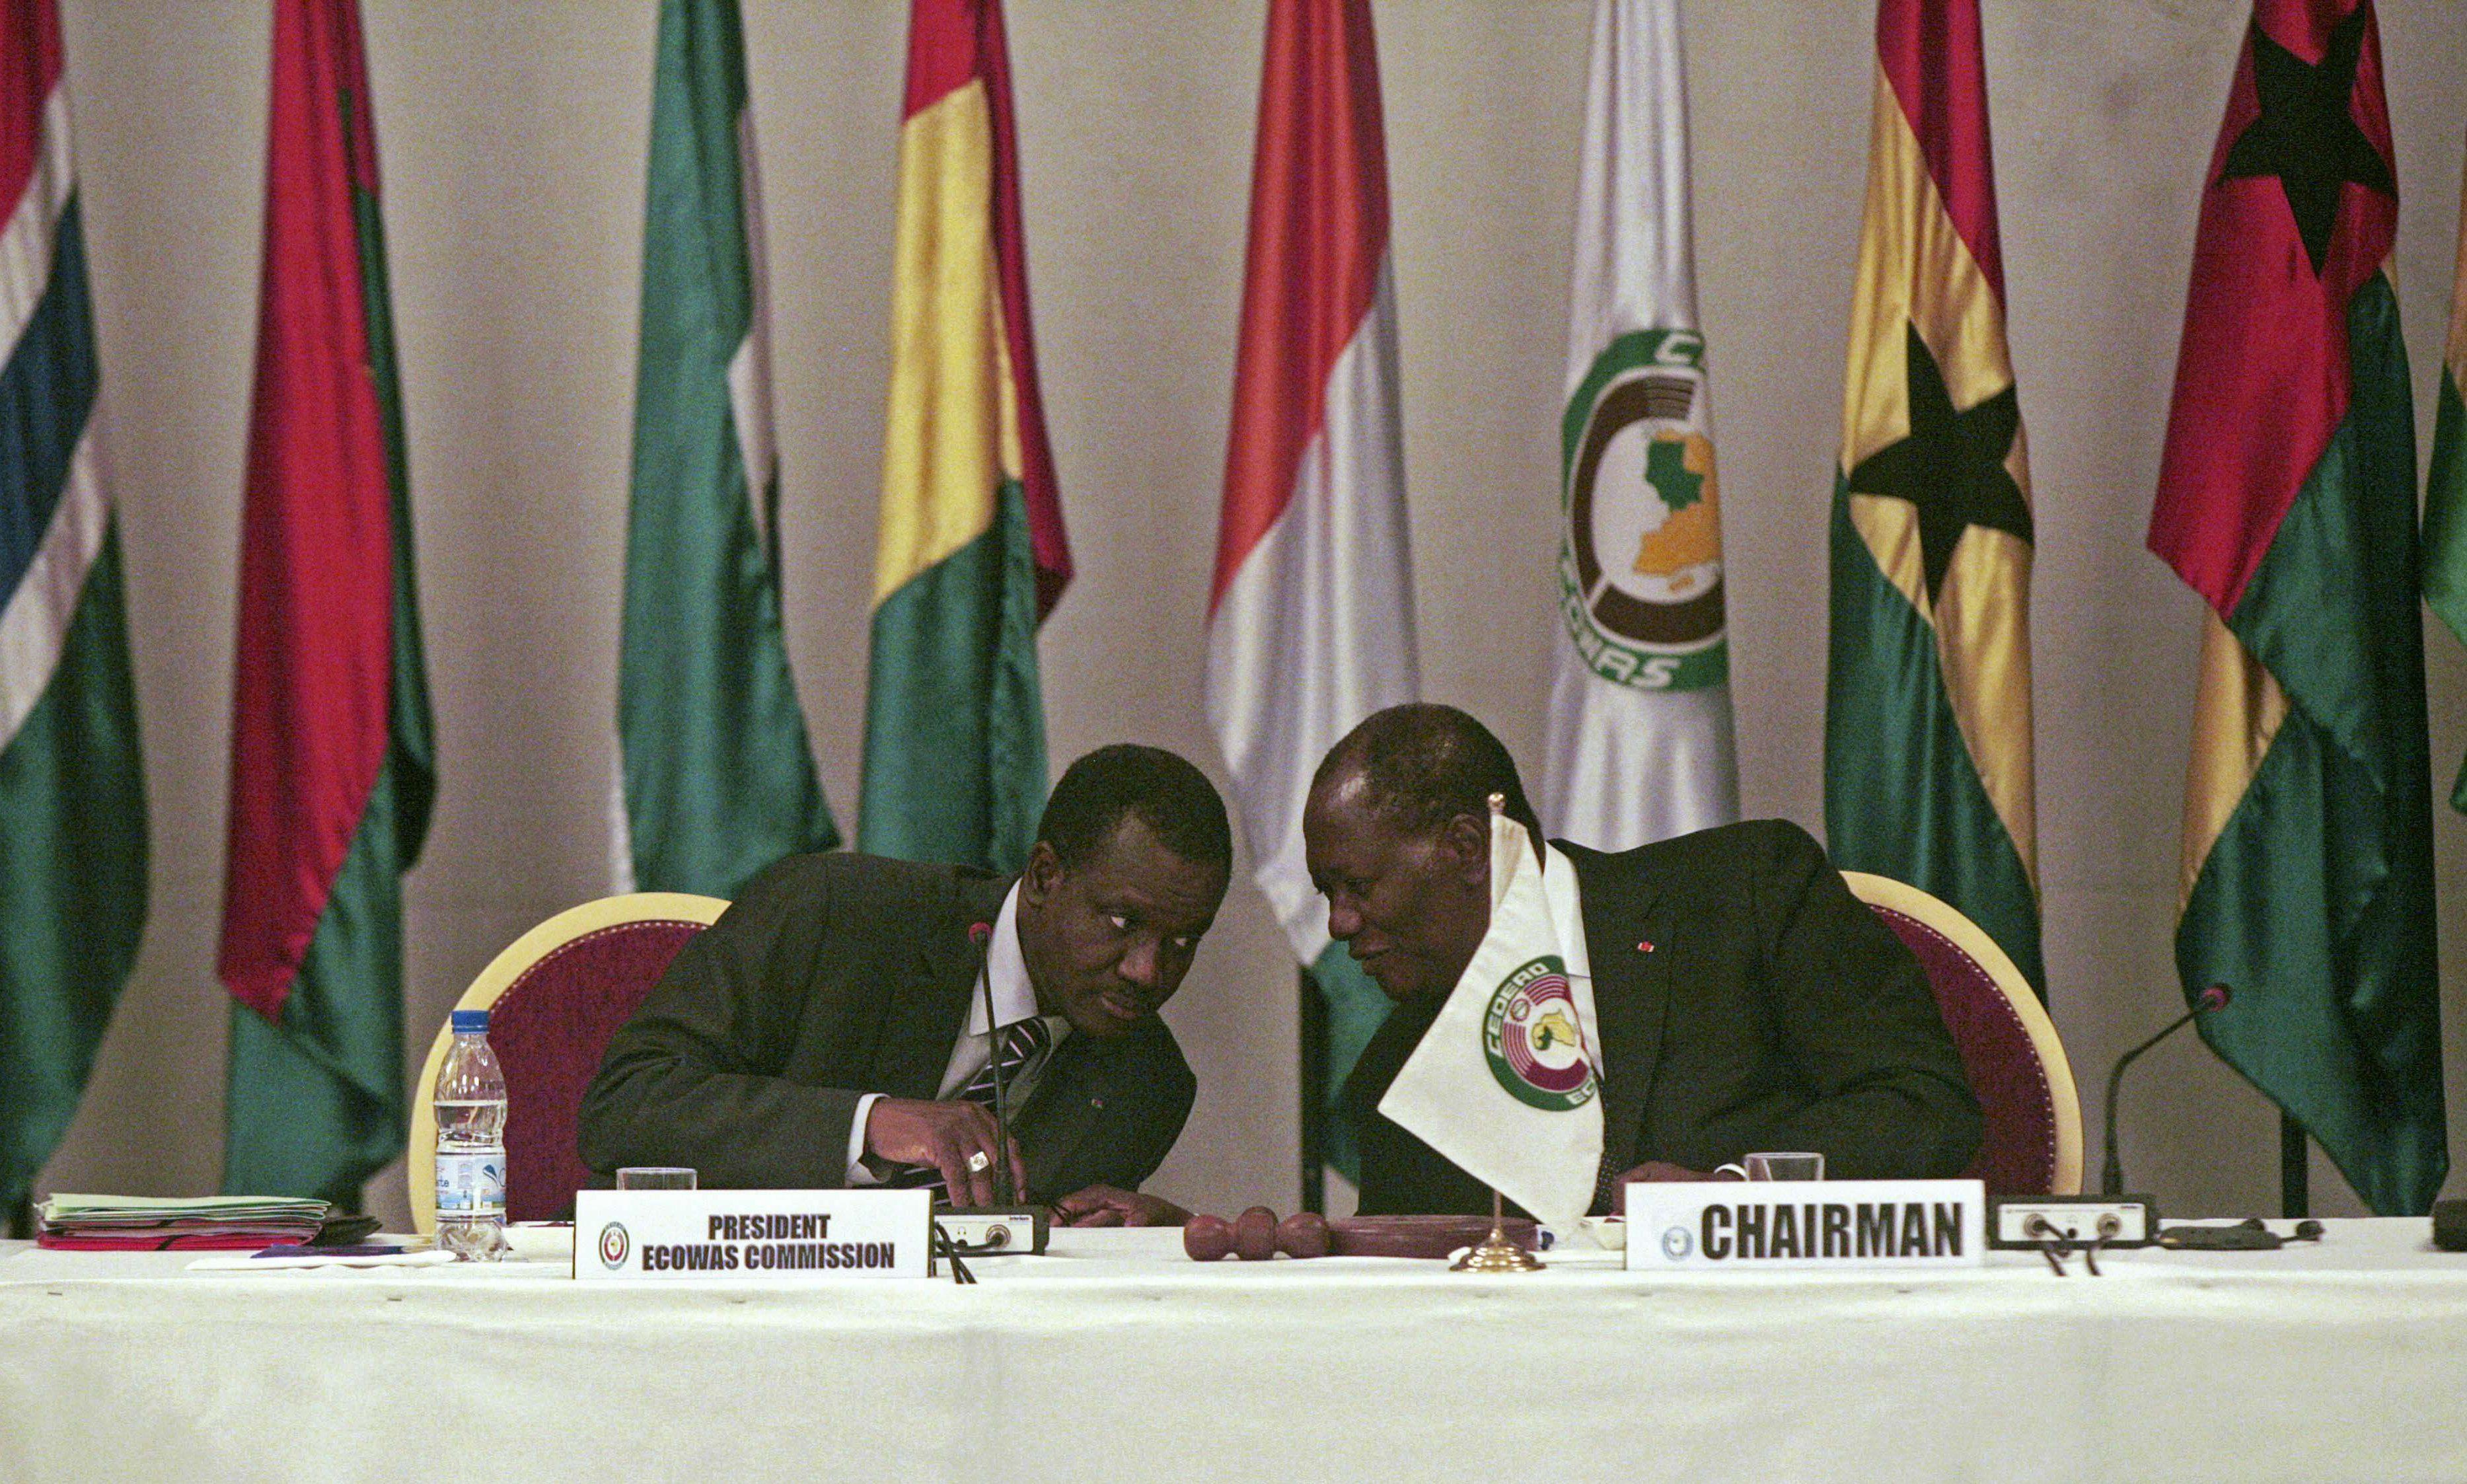 Alassane Ouattara, à droite, le président de la Côte d'Ivoire, avec Kadré Désiré Ouédraogo, président de la commission de la CEDEAO, lors d'une réunion le mardi 27 mars 2012.